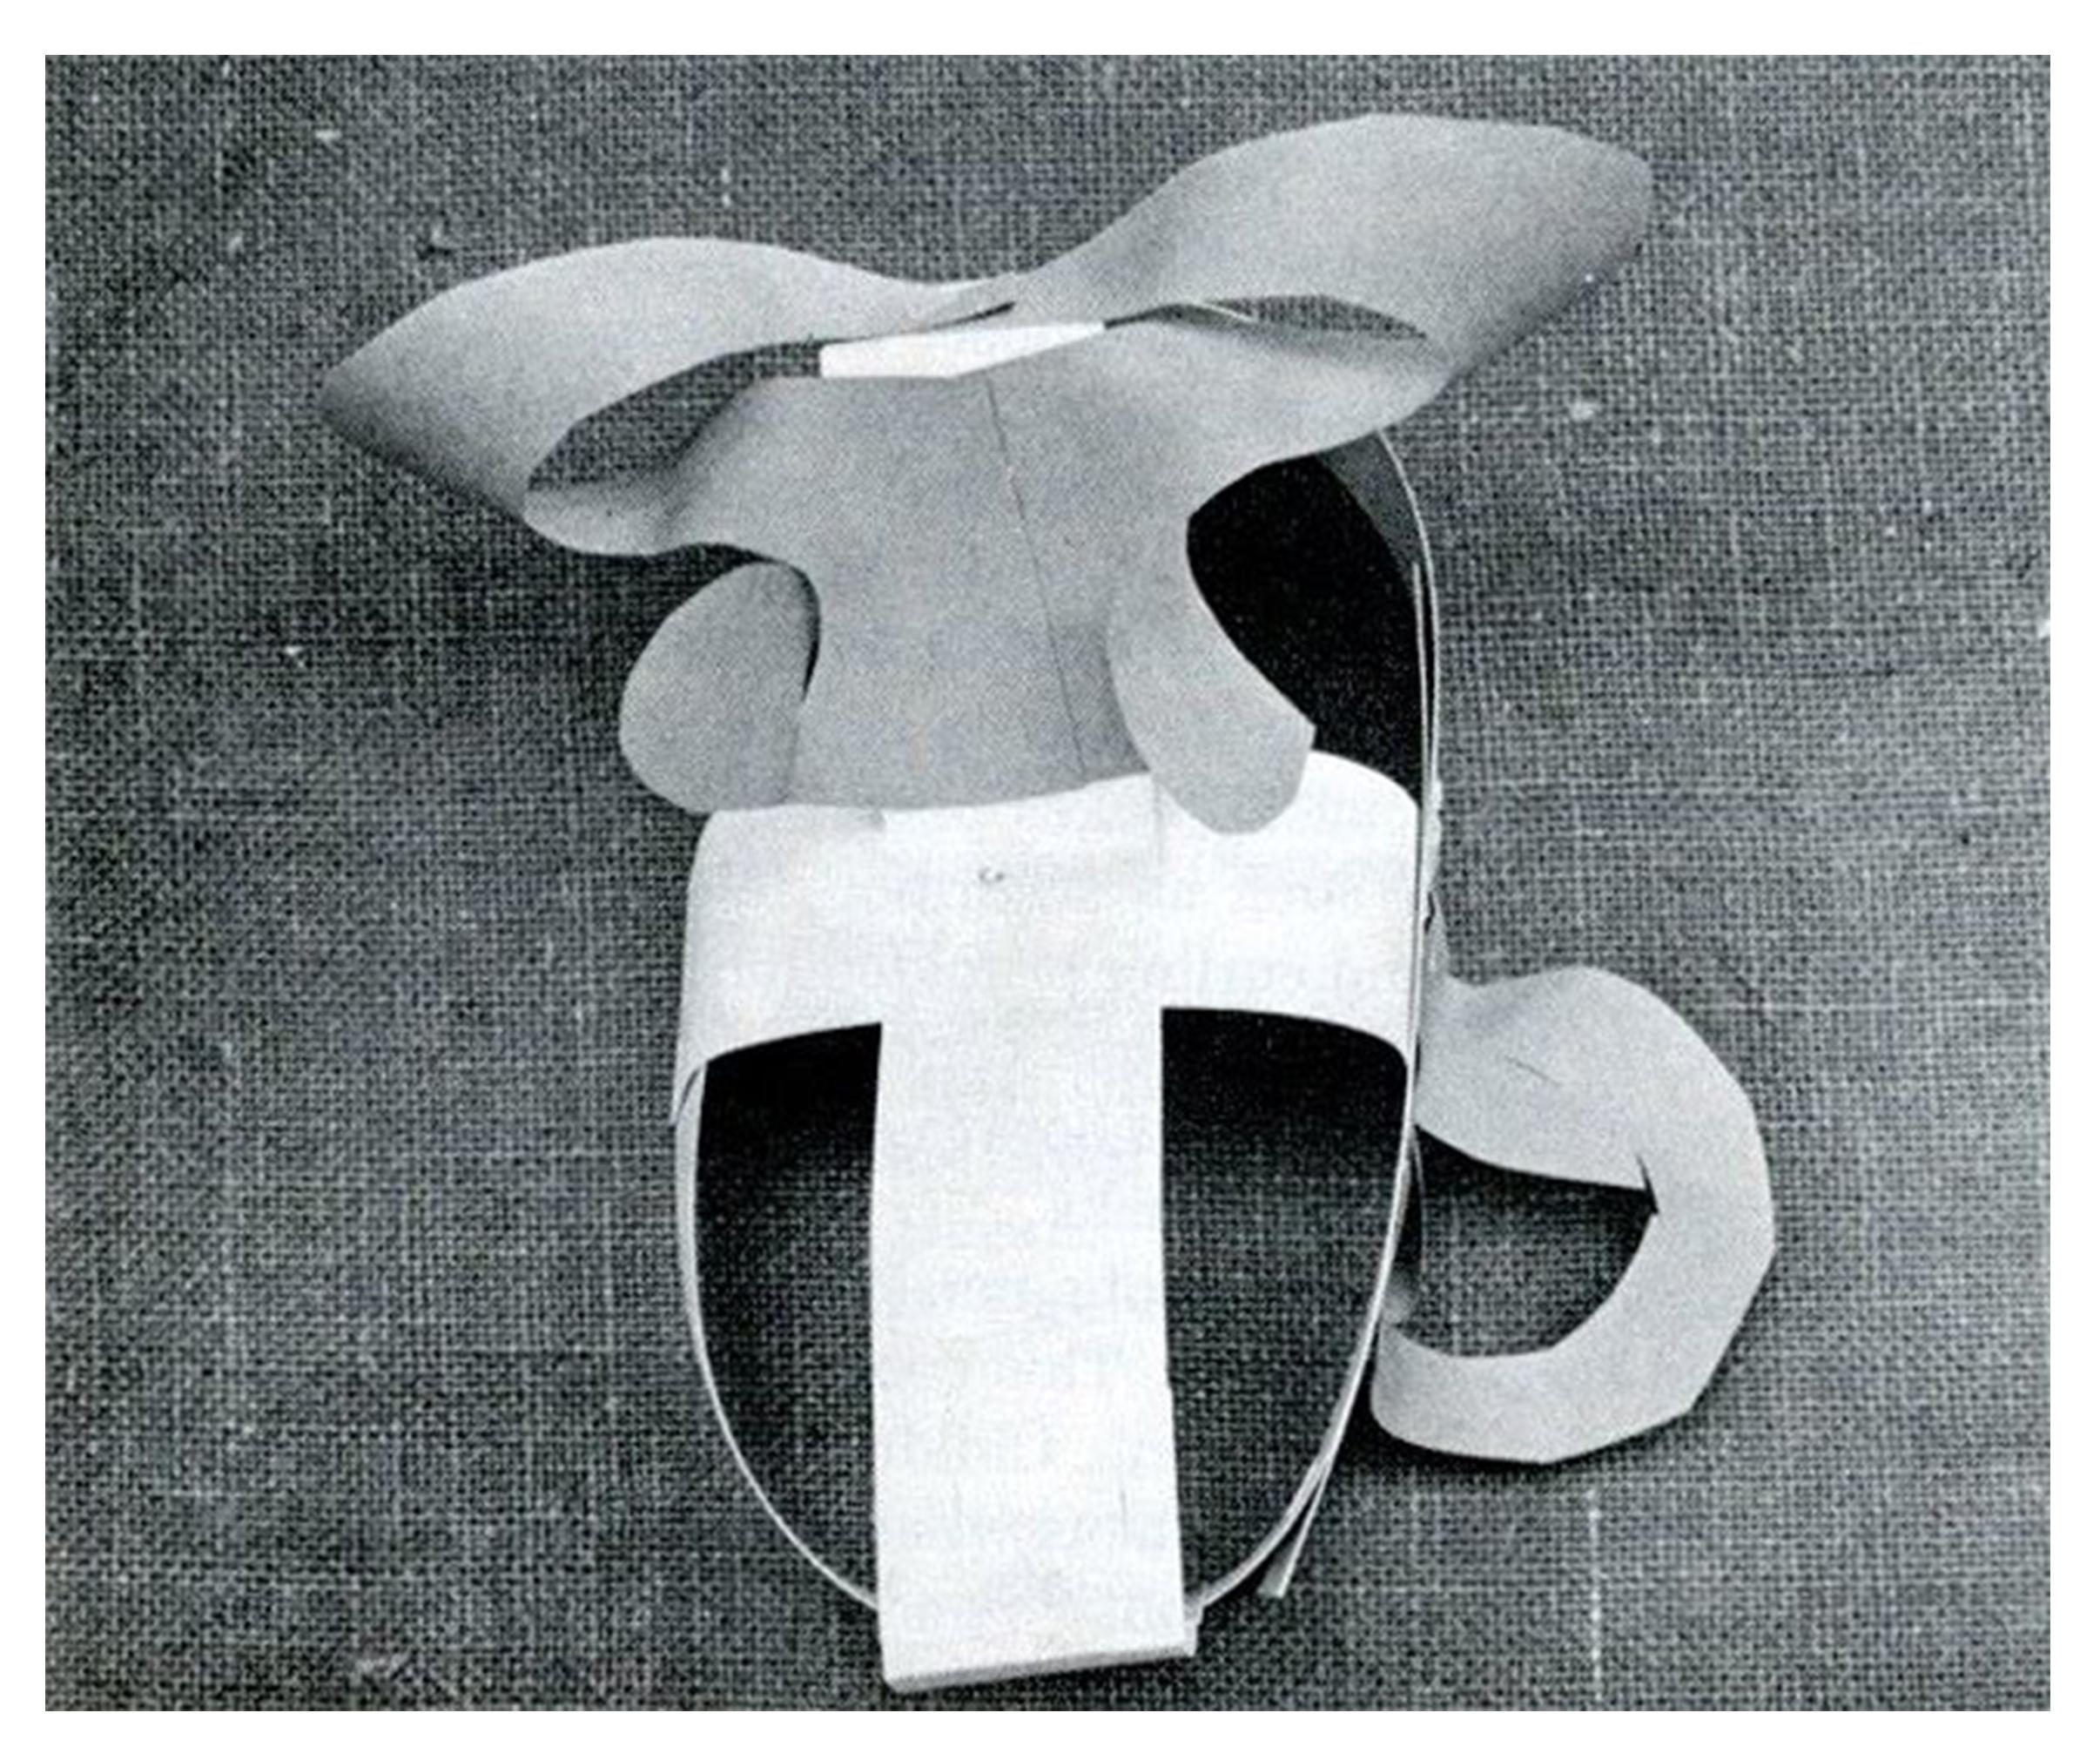 Chyrum Lambert,  Image No. 2